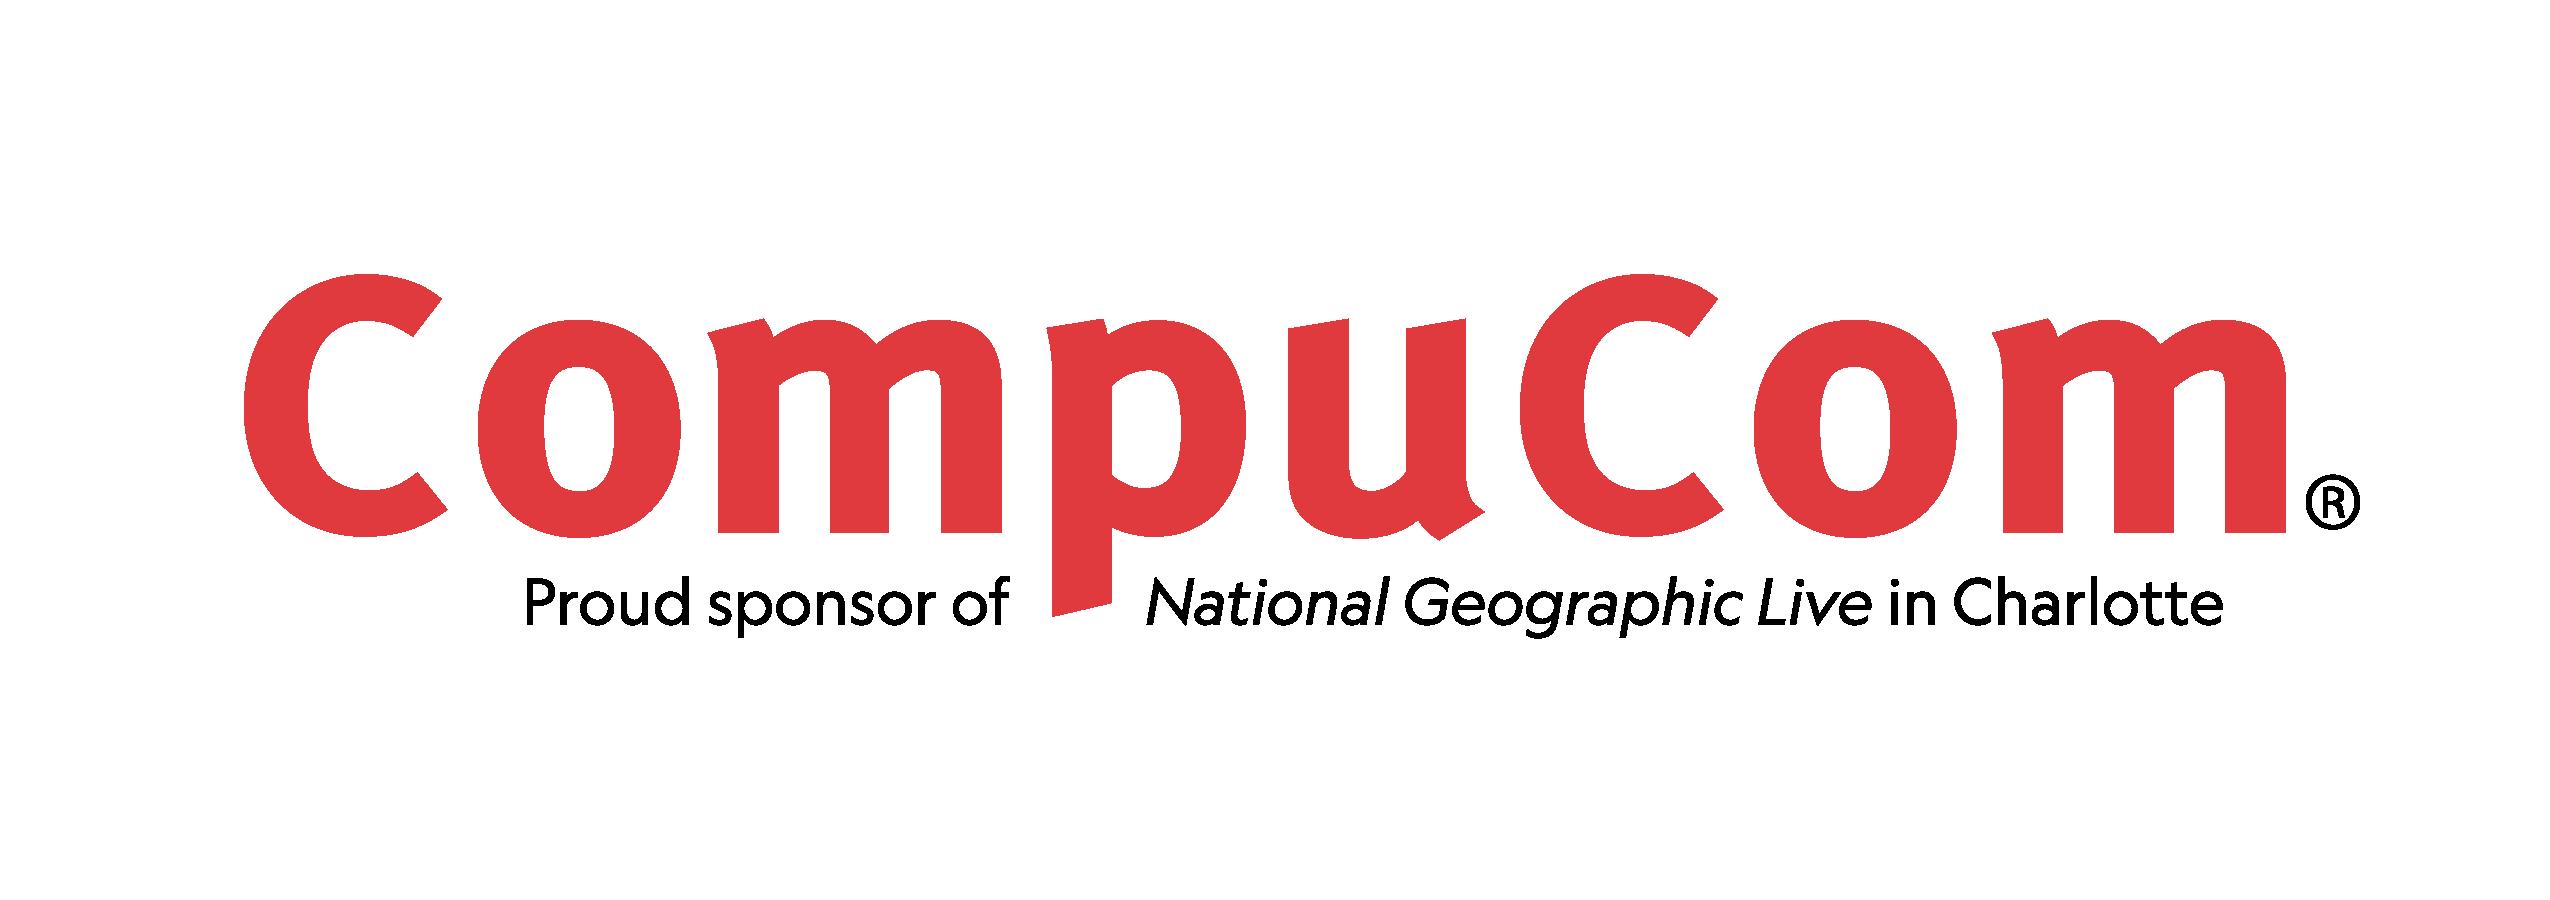 compucom-natgeo sponsor logo-gm.png